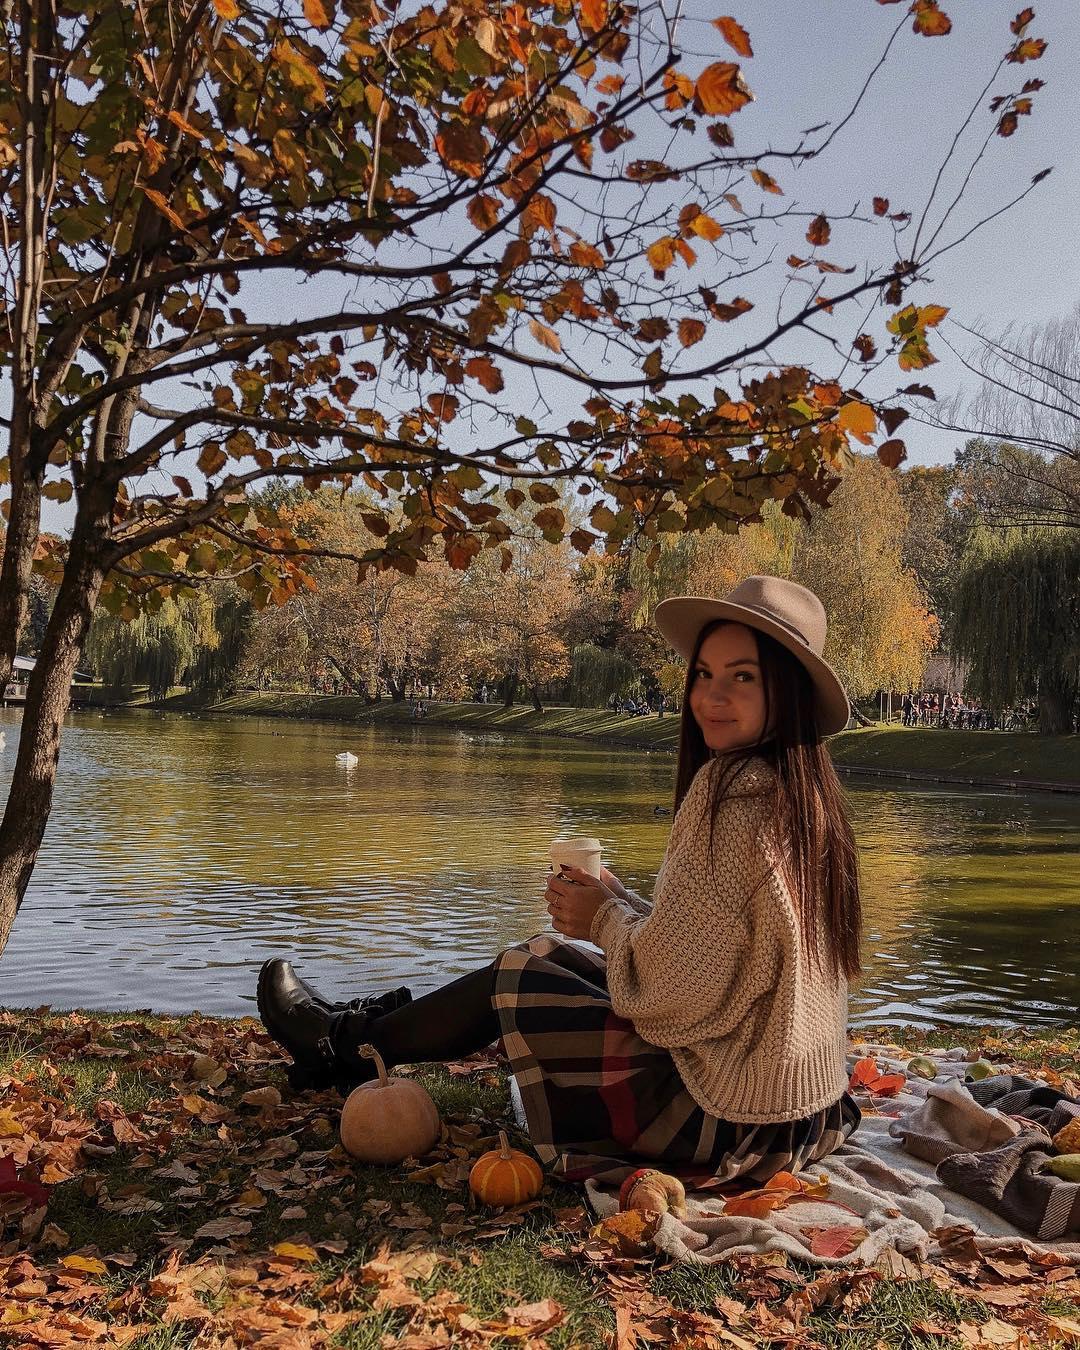 Желтые листья, тыквы, яблочки... хотя бы за это уже можно любить осень! Фото: @alesia_haidai